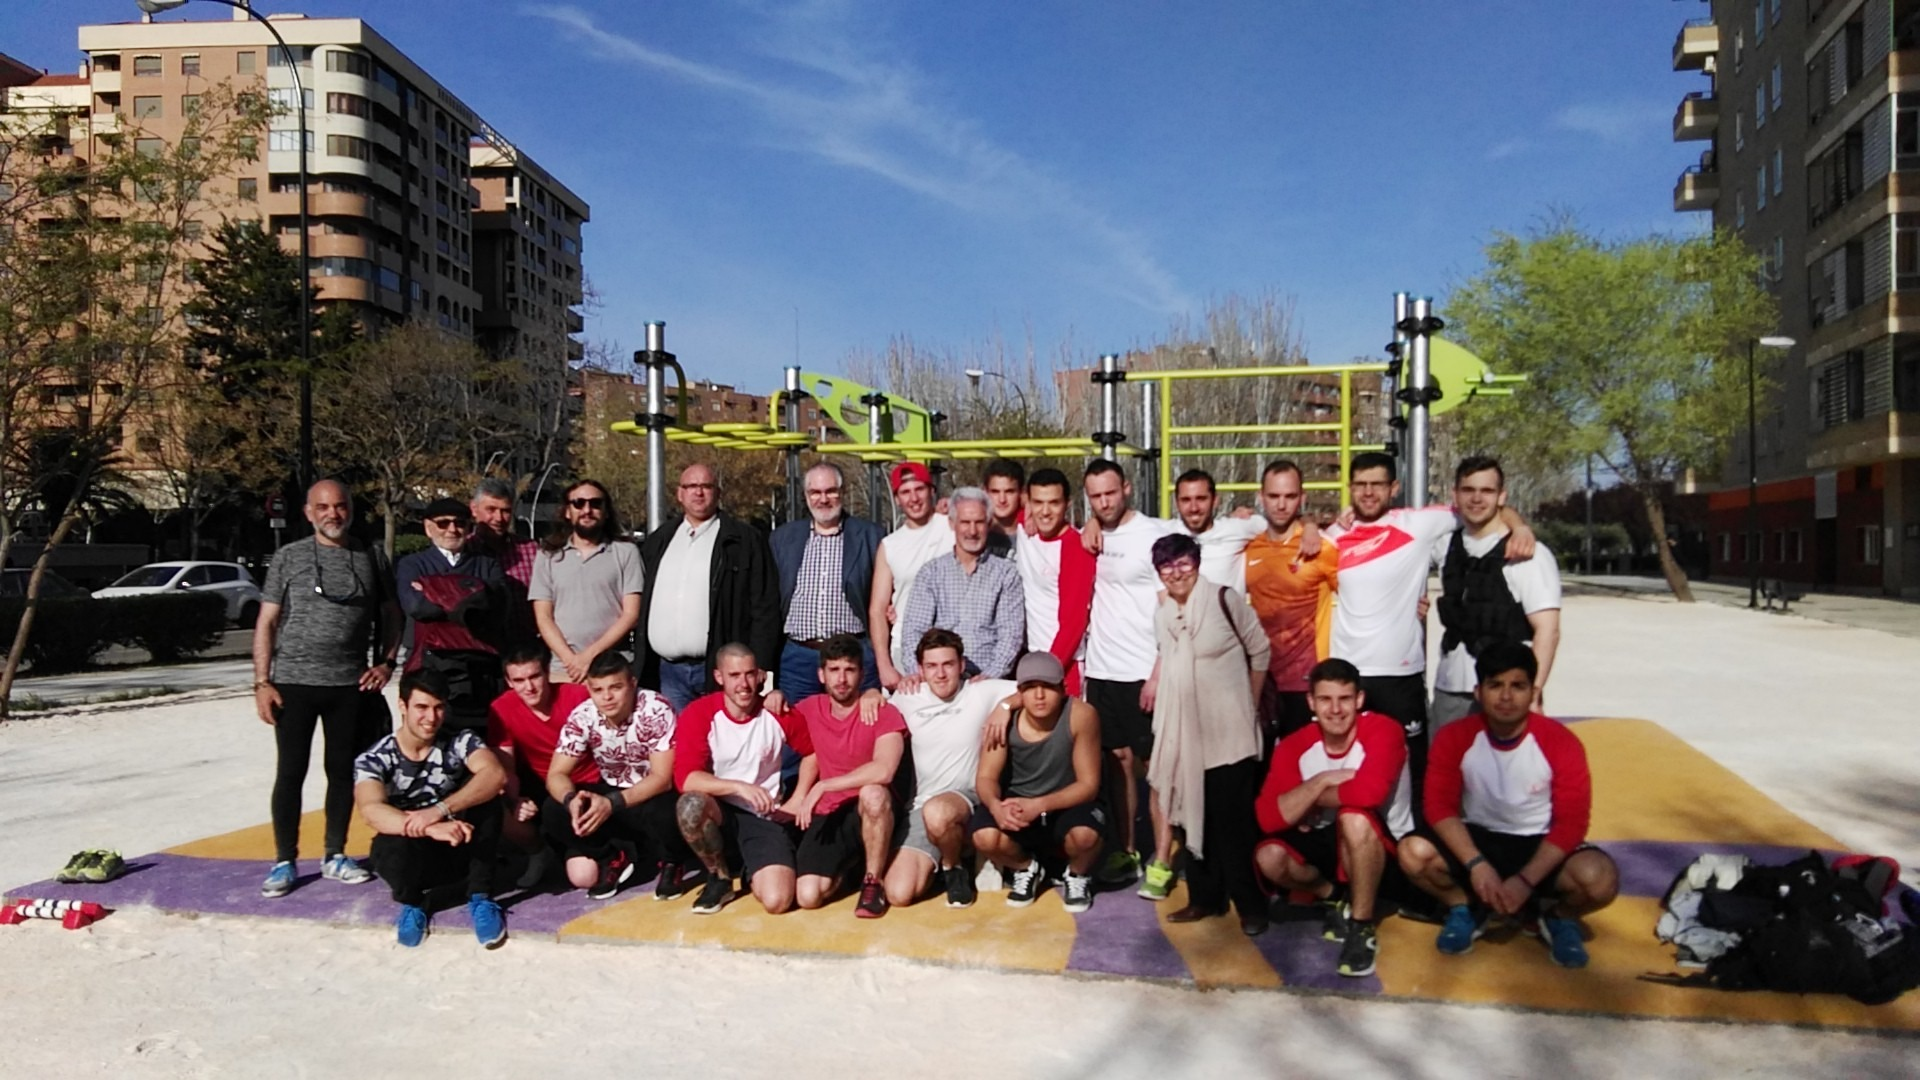 Inauguración de la Instalación Deportiva Elemental de Street Workout – Calistenia en el Actur.